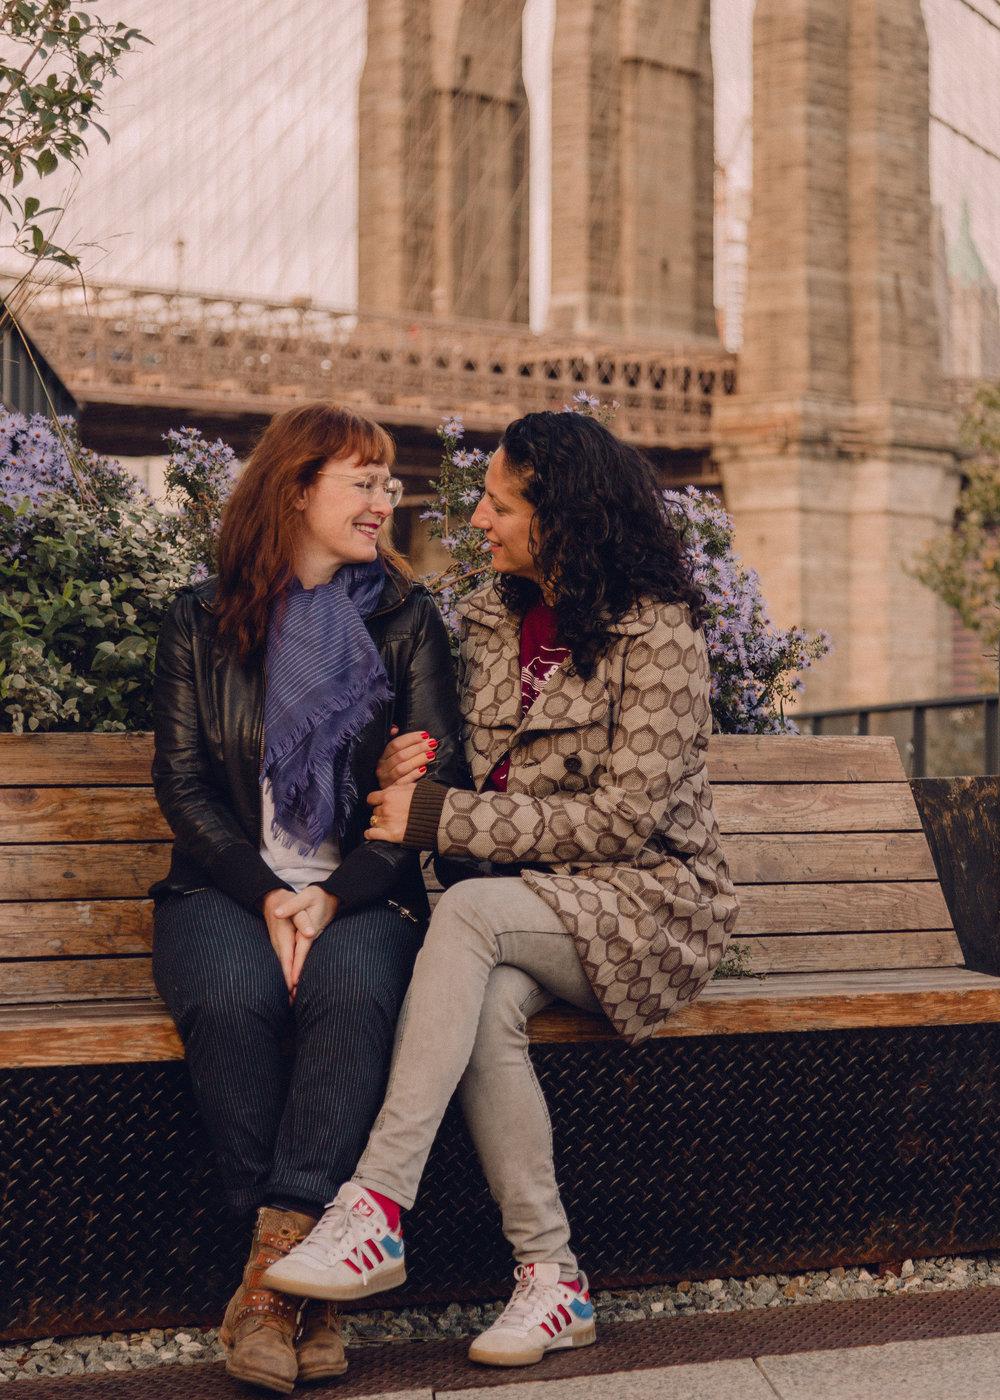 Jess Salomon & Eman El-Husseini